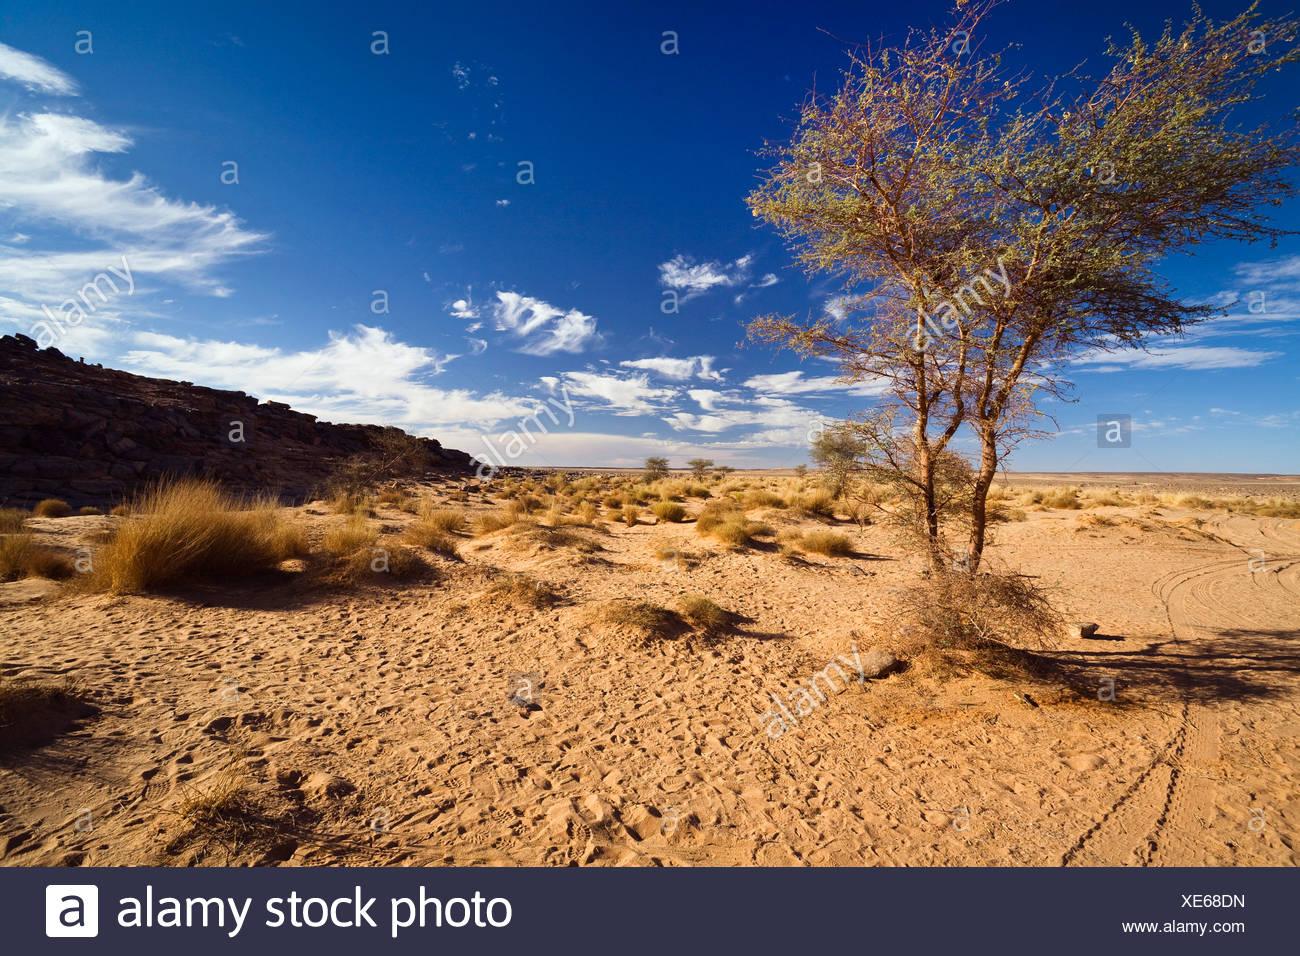 Acacia (Acacia sp.) in un deserto pietroso, Libia, Africa Immagini Stock